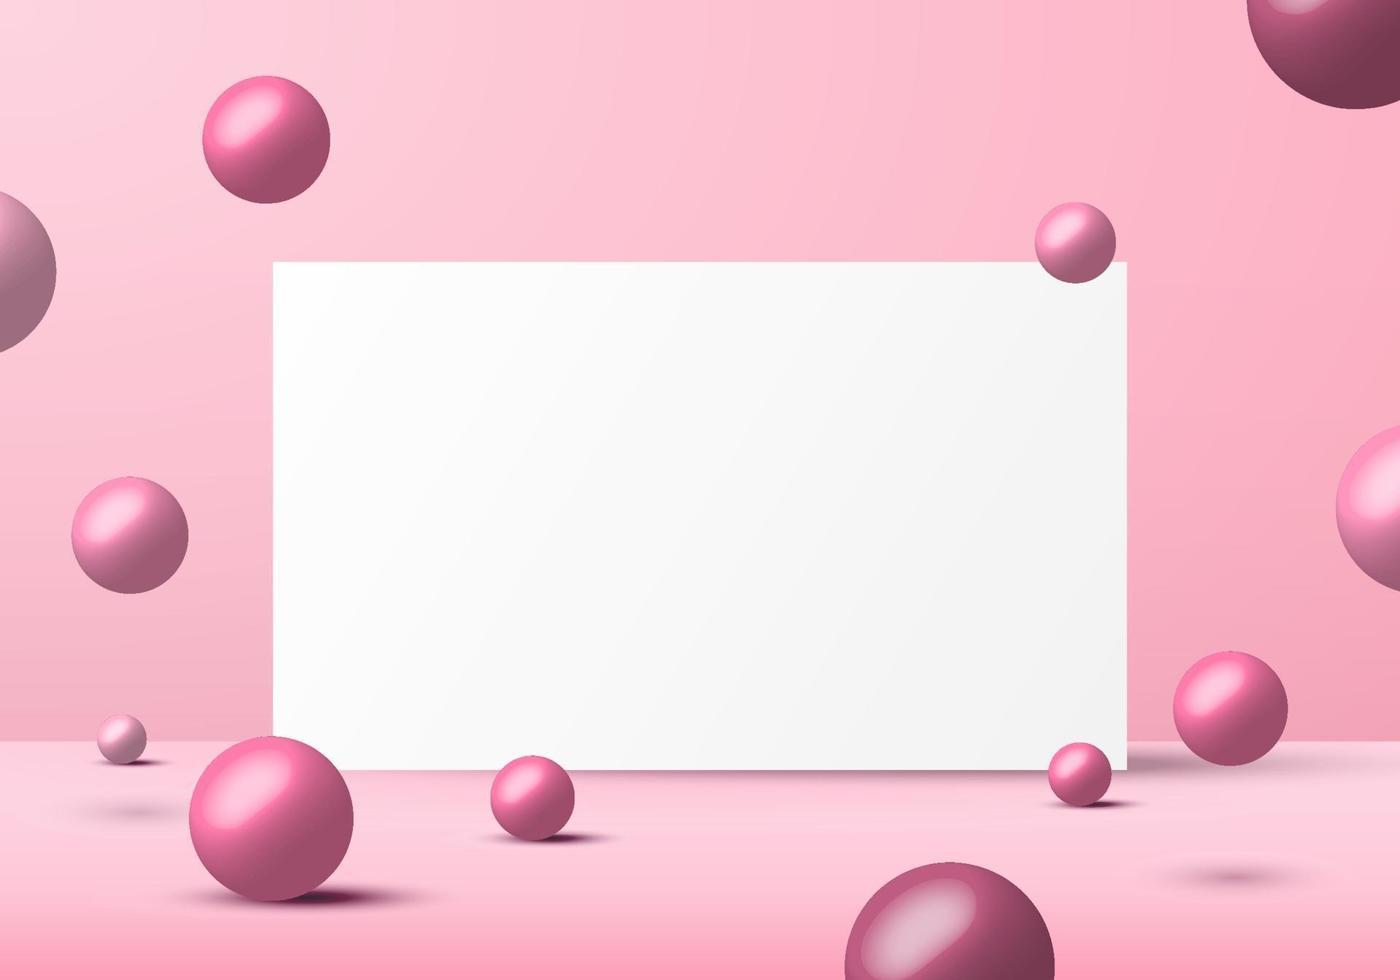 3d-realistische roze ballen bollen vormen met witte achtergrond achtergrond vector